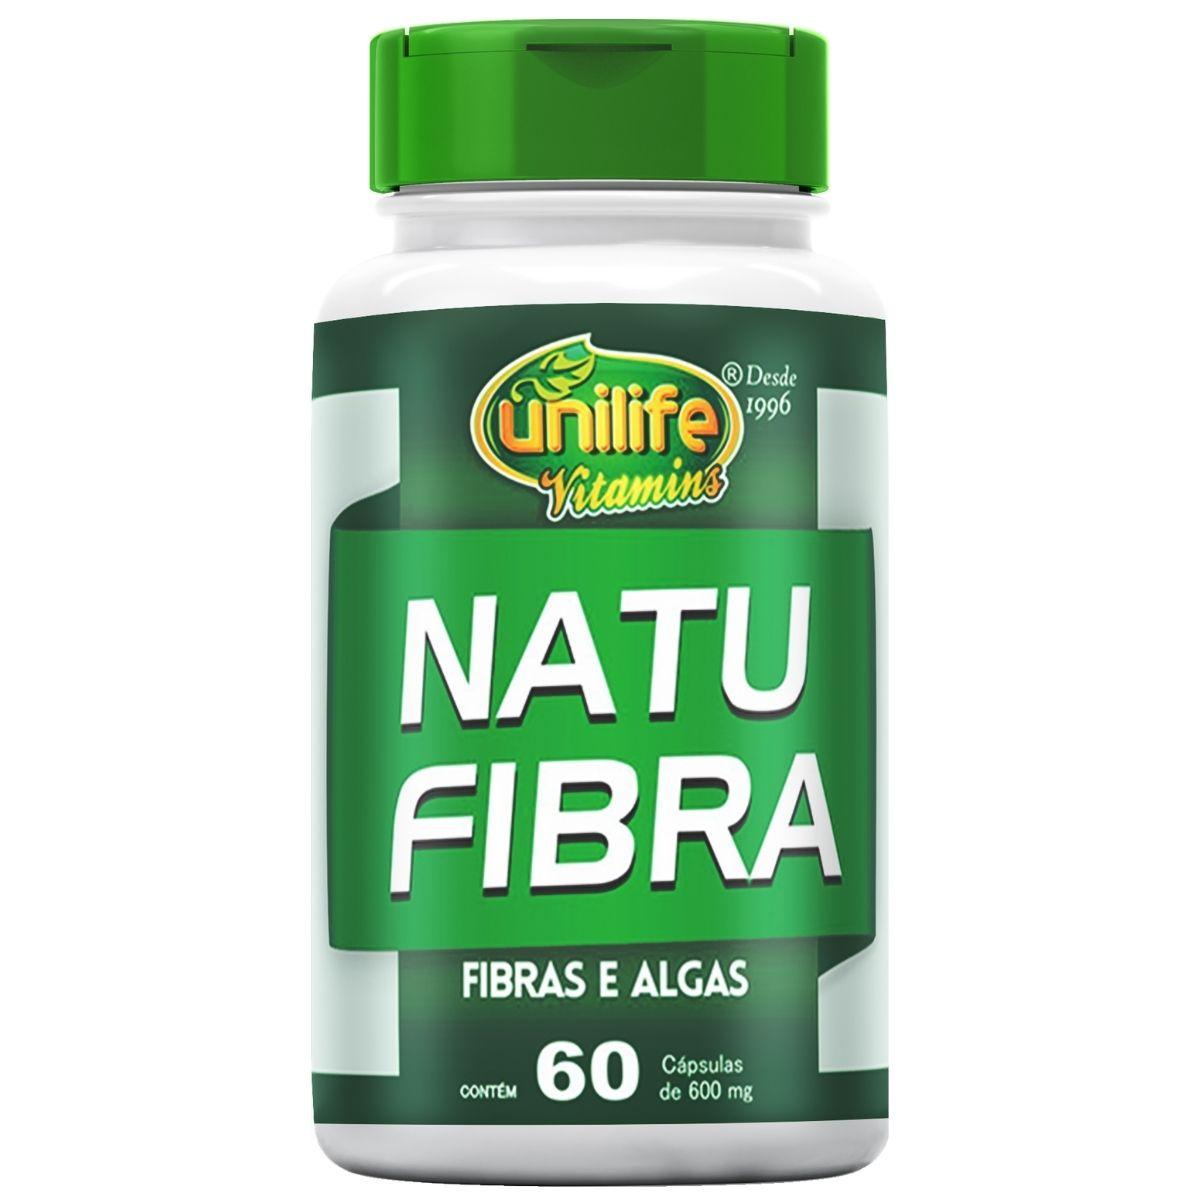 Natu Fibra Unilife Fibras e Algas - 600 Mg 60 cápsulas